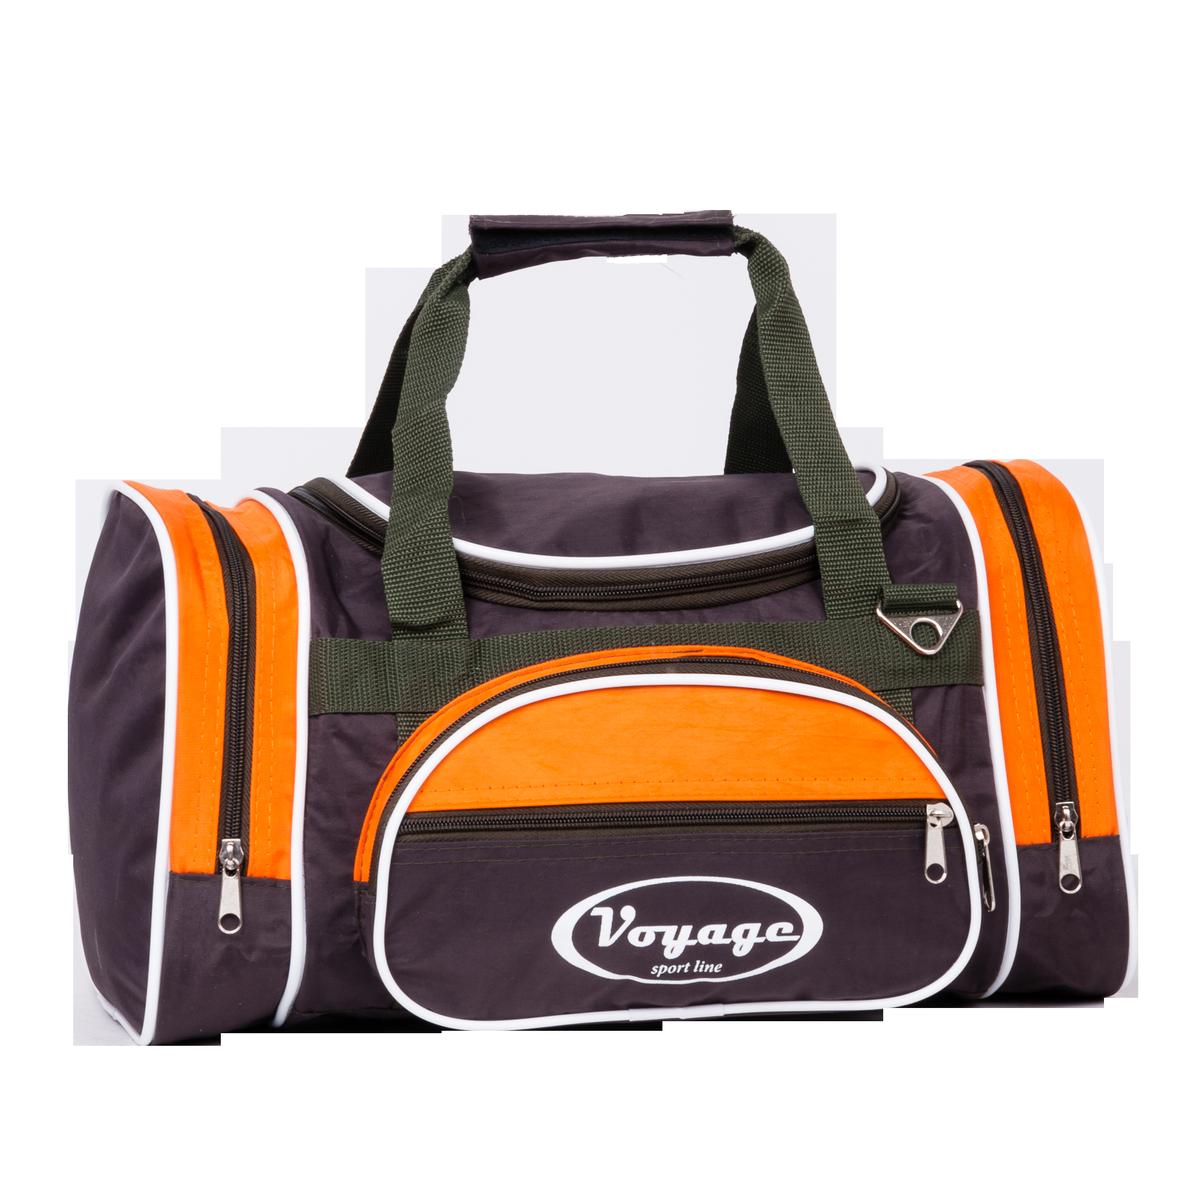 Сумка дорожная Polar, цвет: зеленый, оранжевый, 16 л. С Р209С Р209_зеленый, оранжевыйДорожная сумка Polar выполненная в классическом дизайне. Все отделение на молнии. Два боковых и один центральный карман на молнии. В комплекте имеется плечевой ремень. Сумка изготовлена из водоотталкивающей ткани, сохраняющей свои свойства при любой температуре.